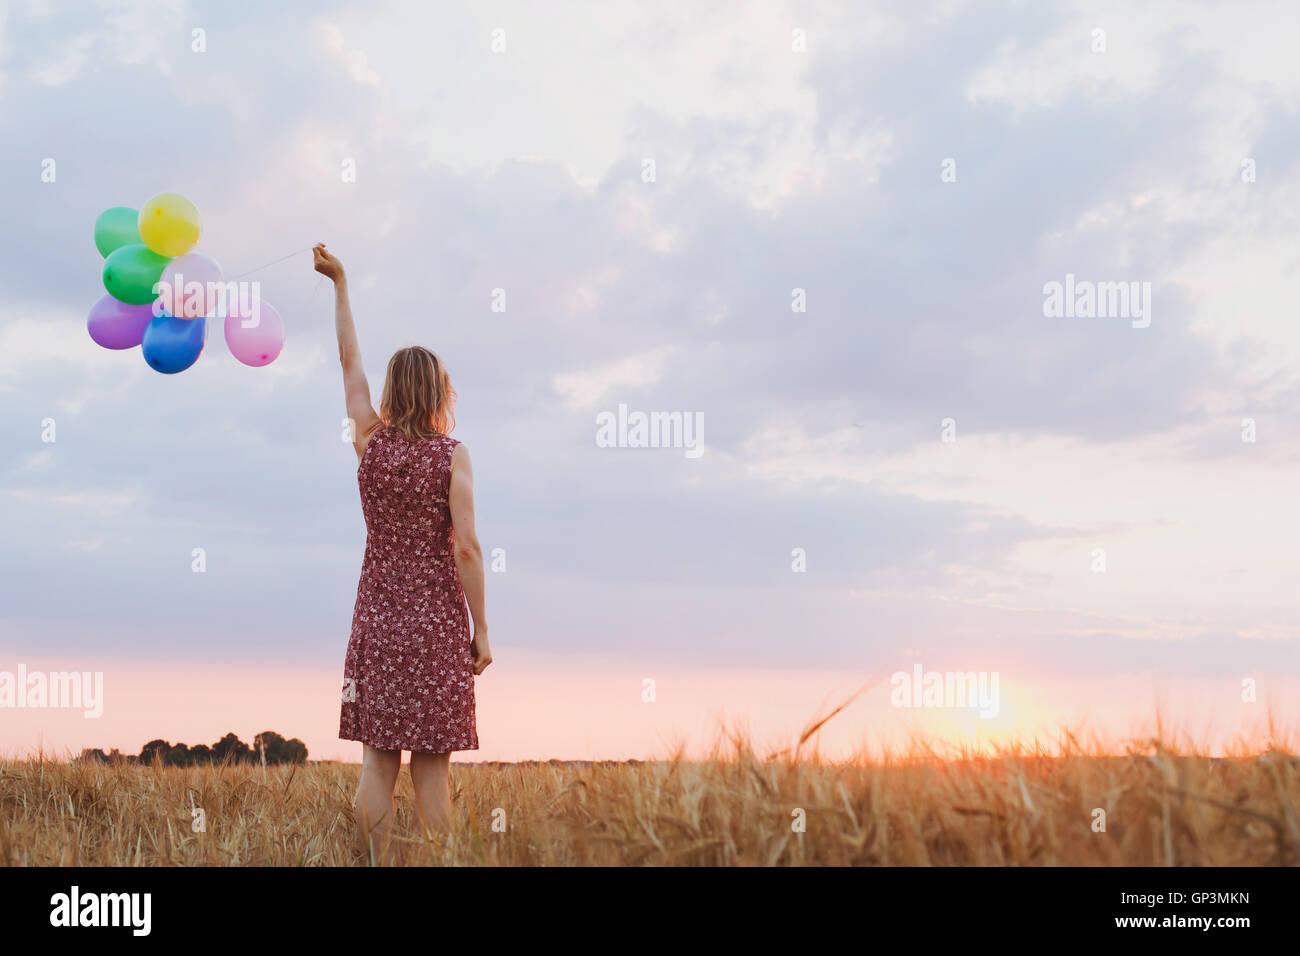 Il concetto di speranza, emozioni e sentimenti, donna con palloncini colorati nel campo, sfondo Immagini Stock